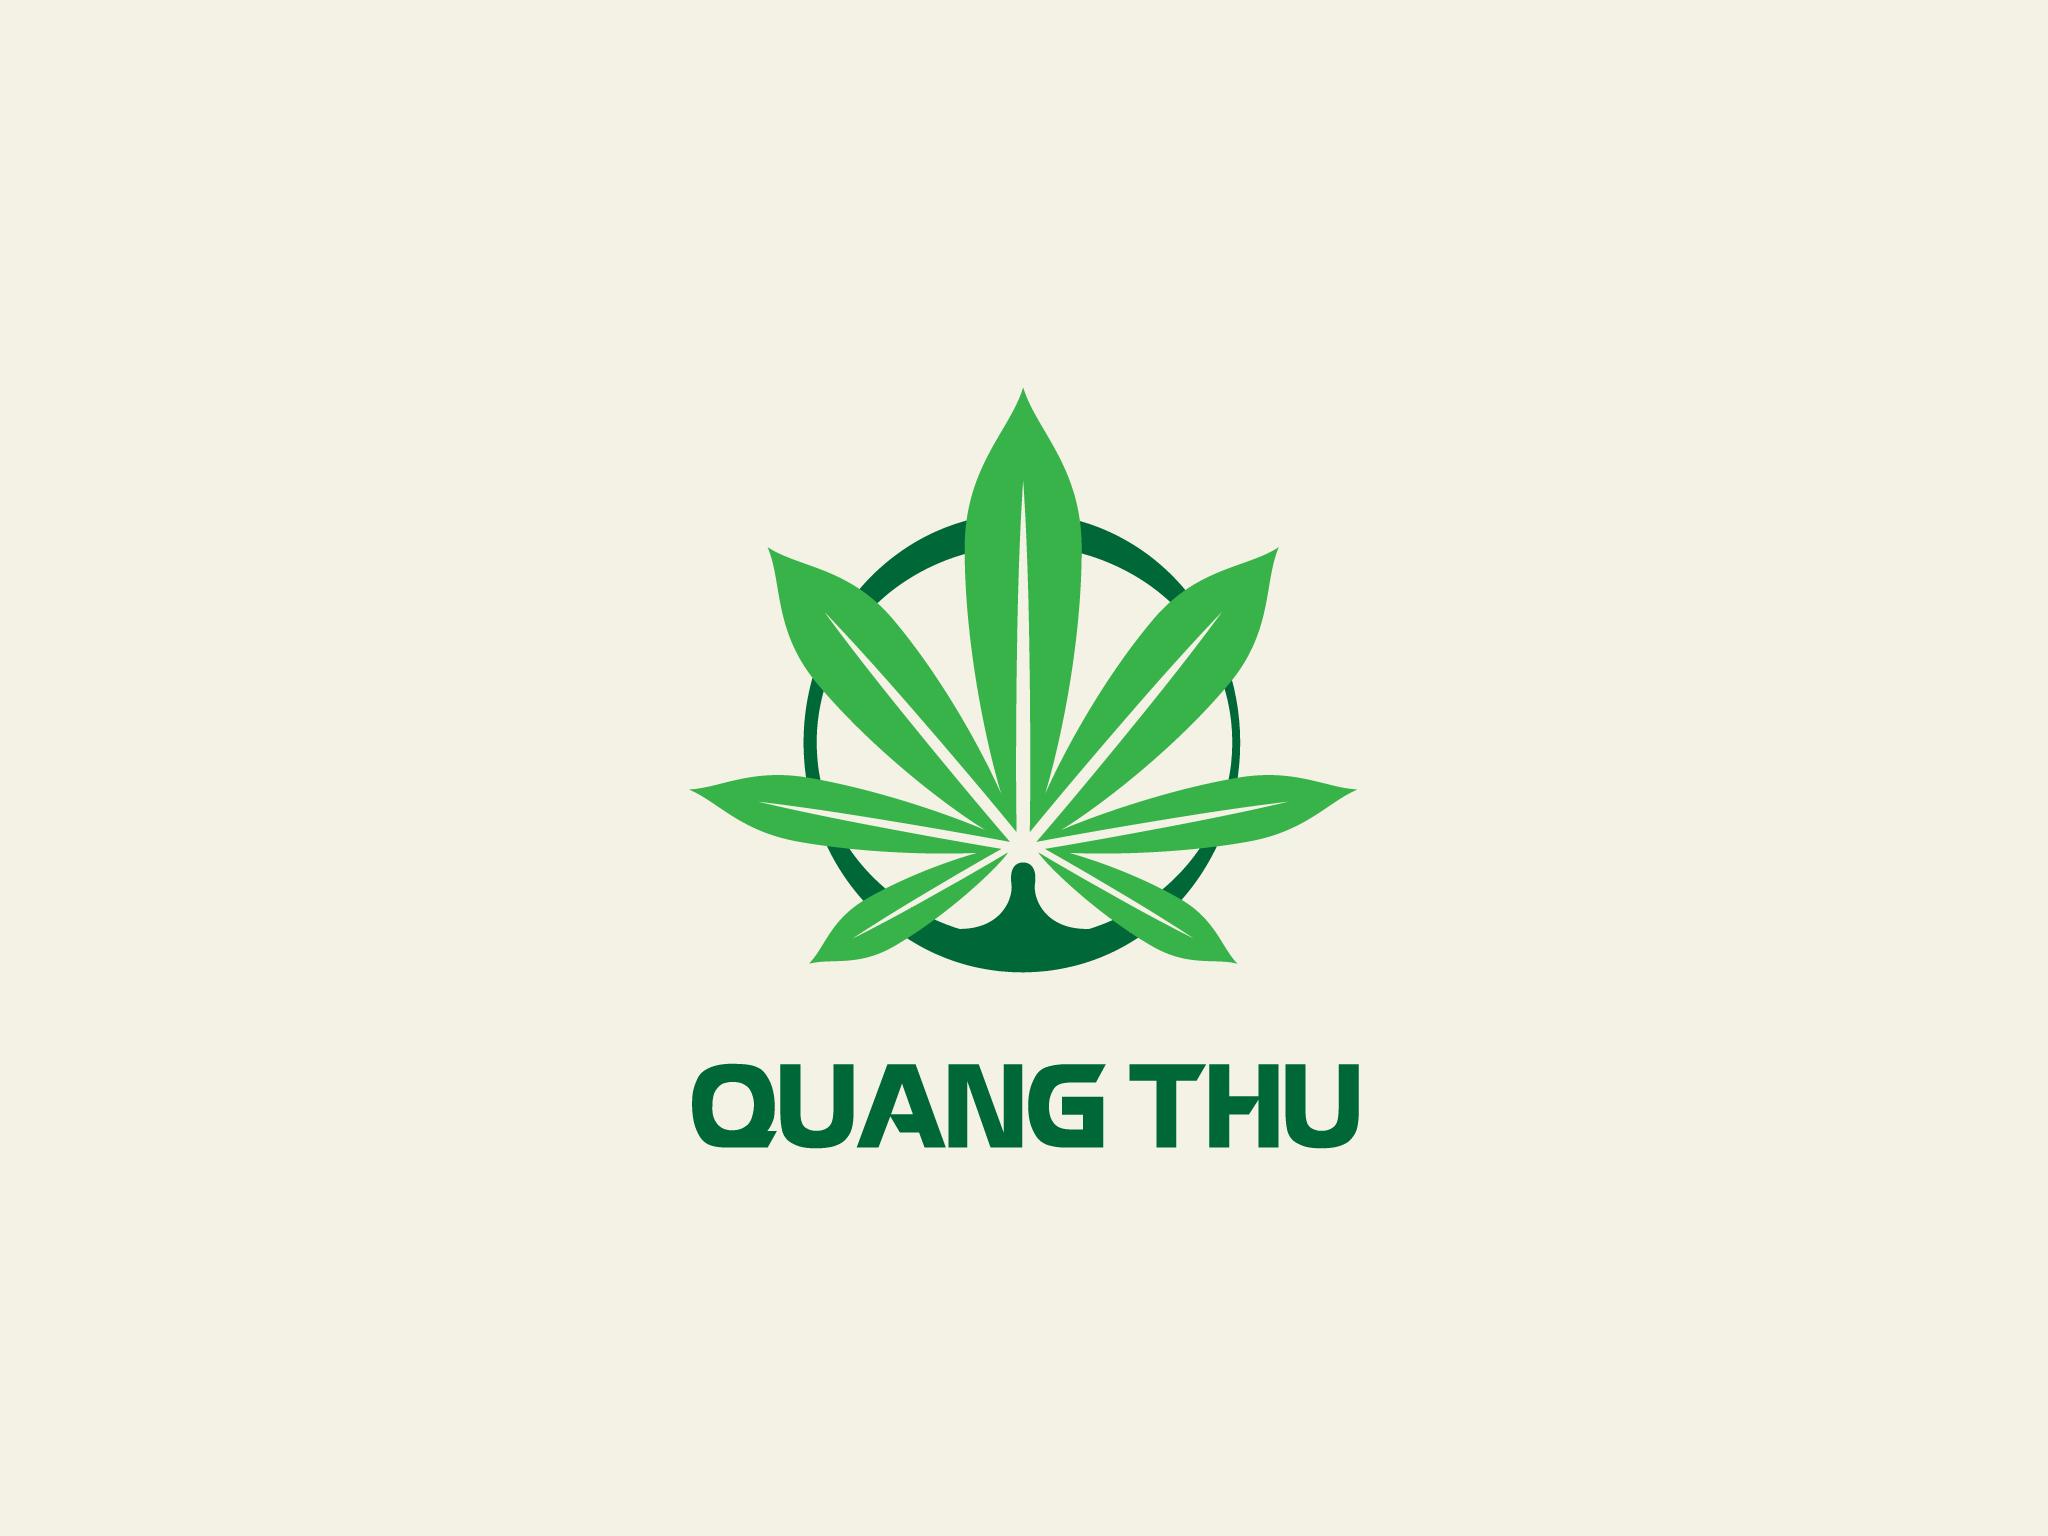 Logo Nông Sản Quang Thu